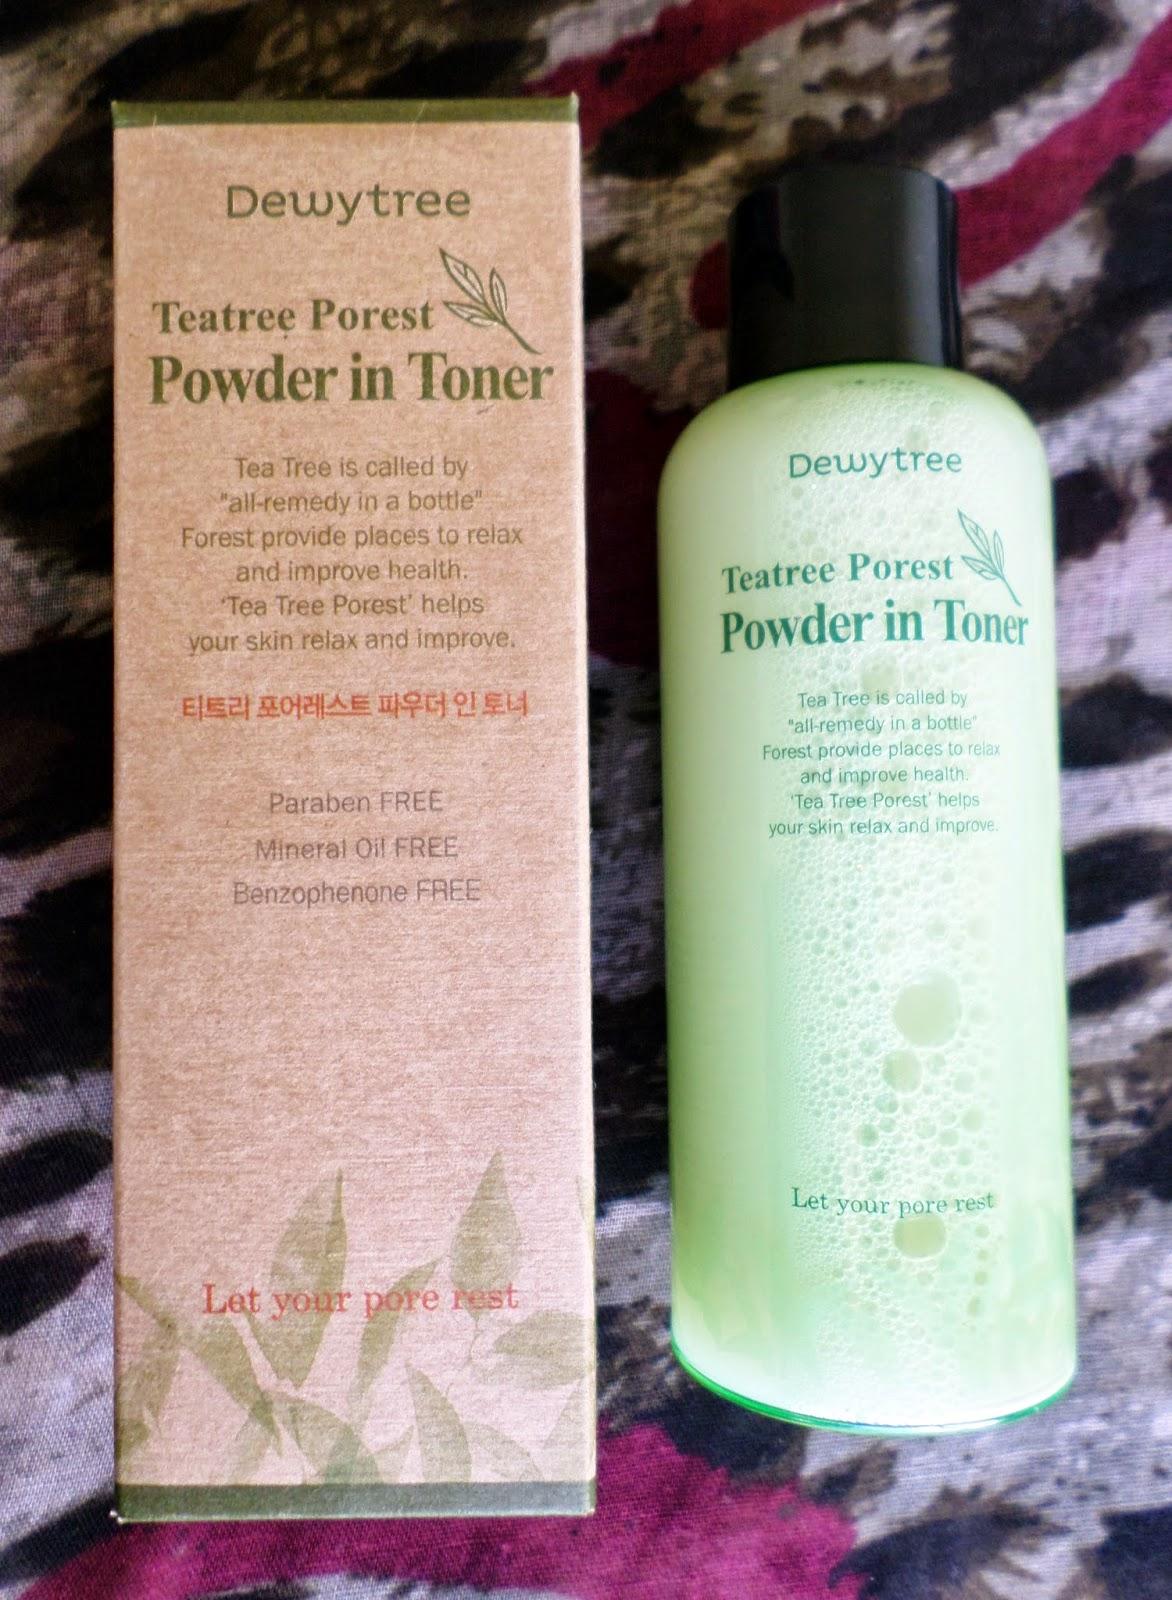 Dewytree Tea Trea Porest Powder in Toner